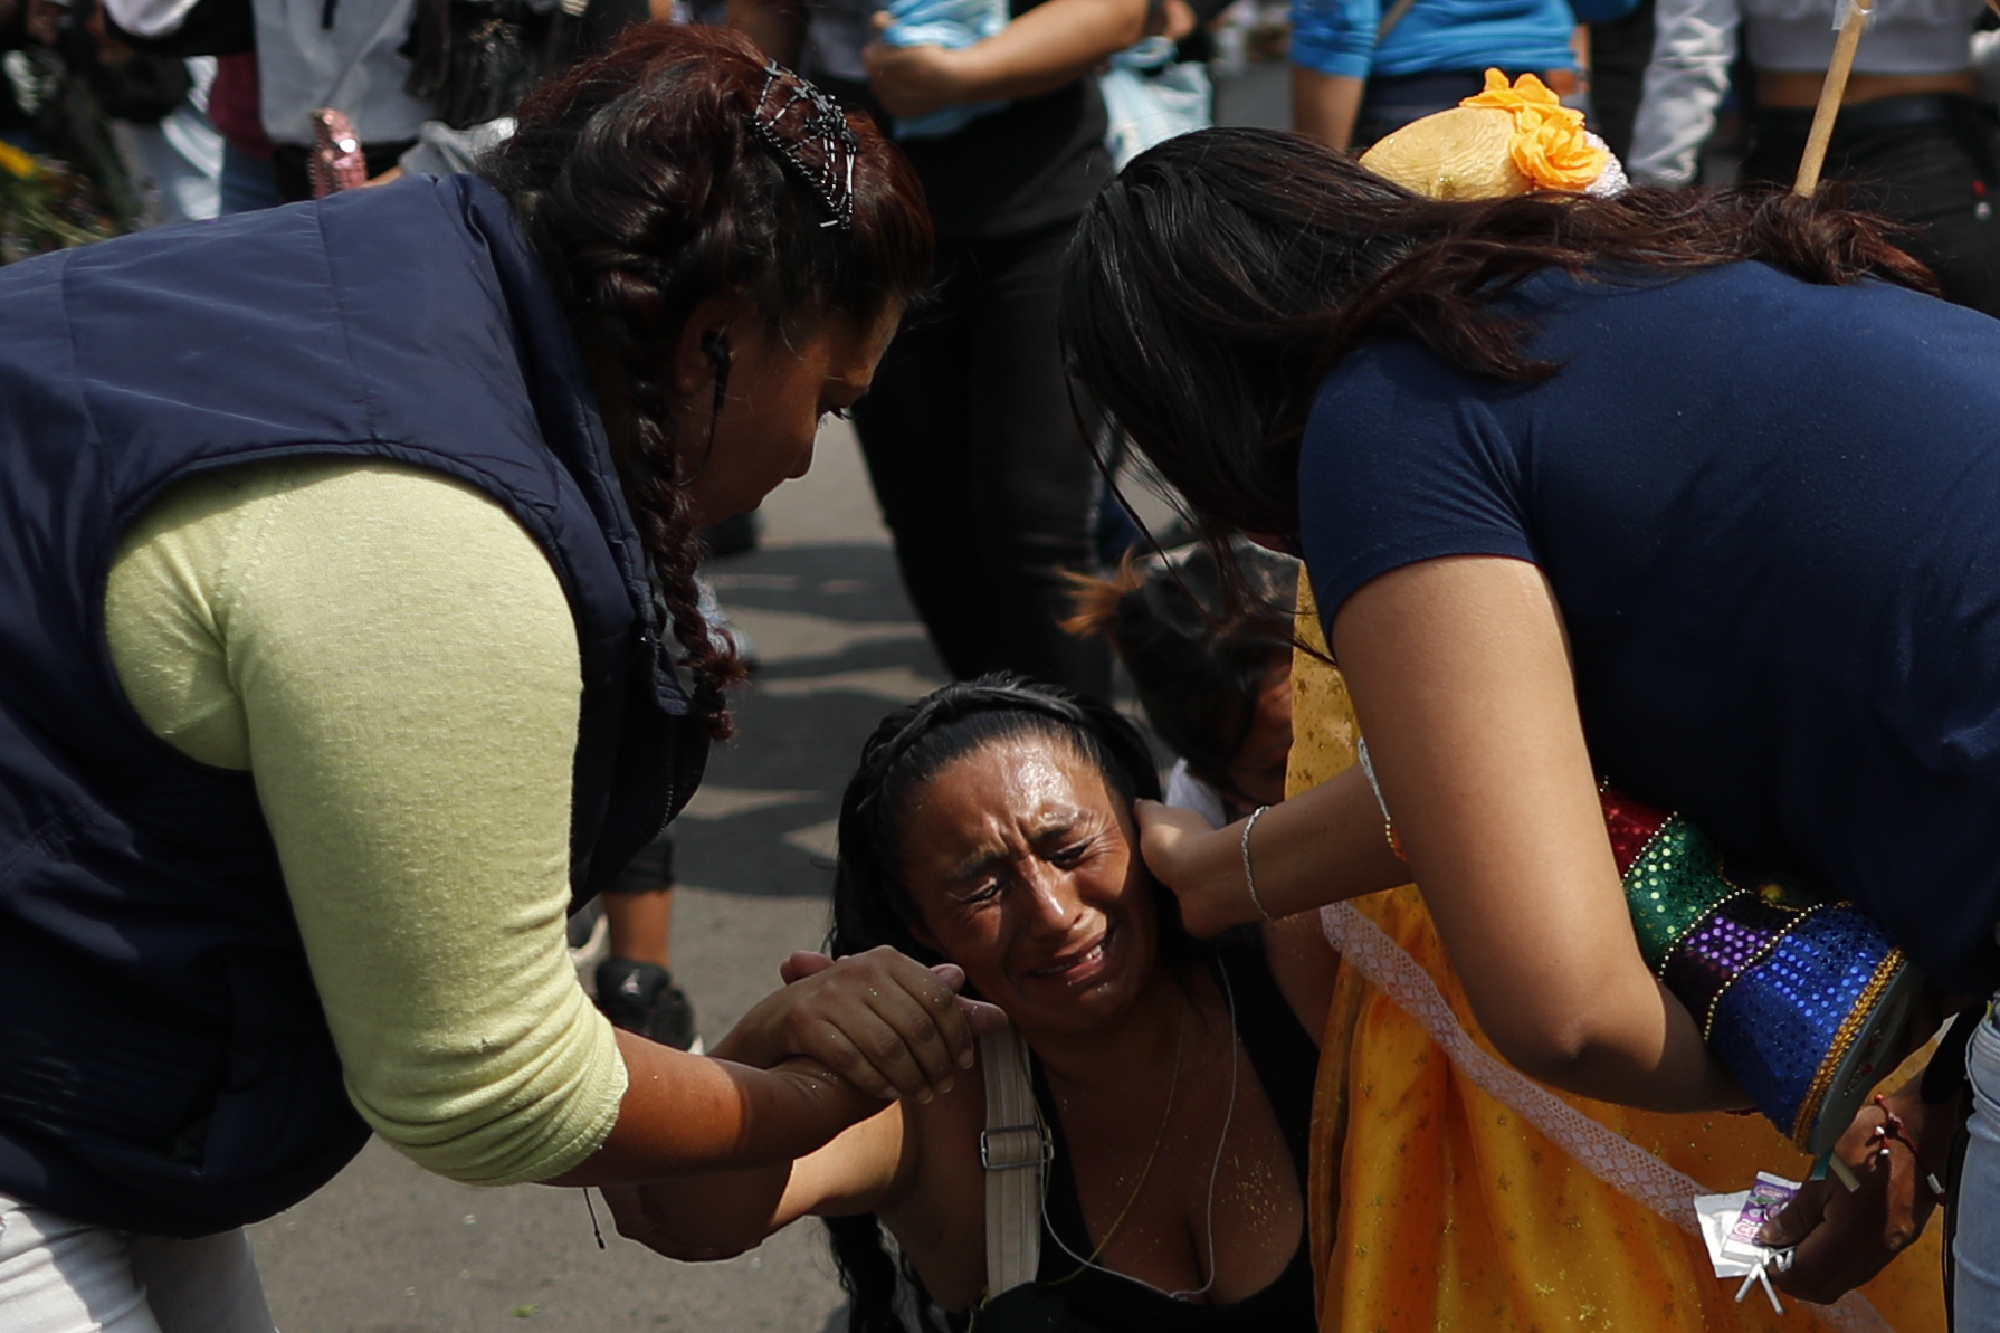 Un transeúnte, a la derecha, se detiene para ofrecer consuelo a Victoria Moreno, de 43 años, mientras lucha por llegar de rodillas al altar de la Santa Muerte (Foto: AP / Rebecca Blackwell)